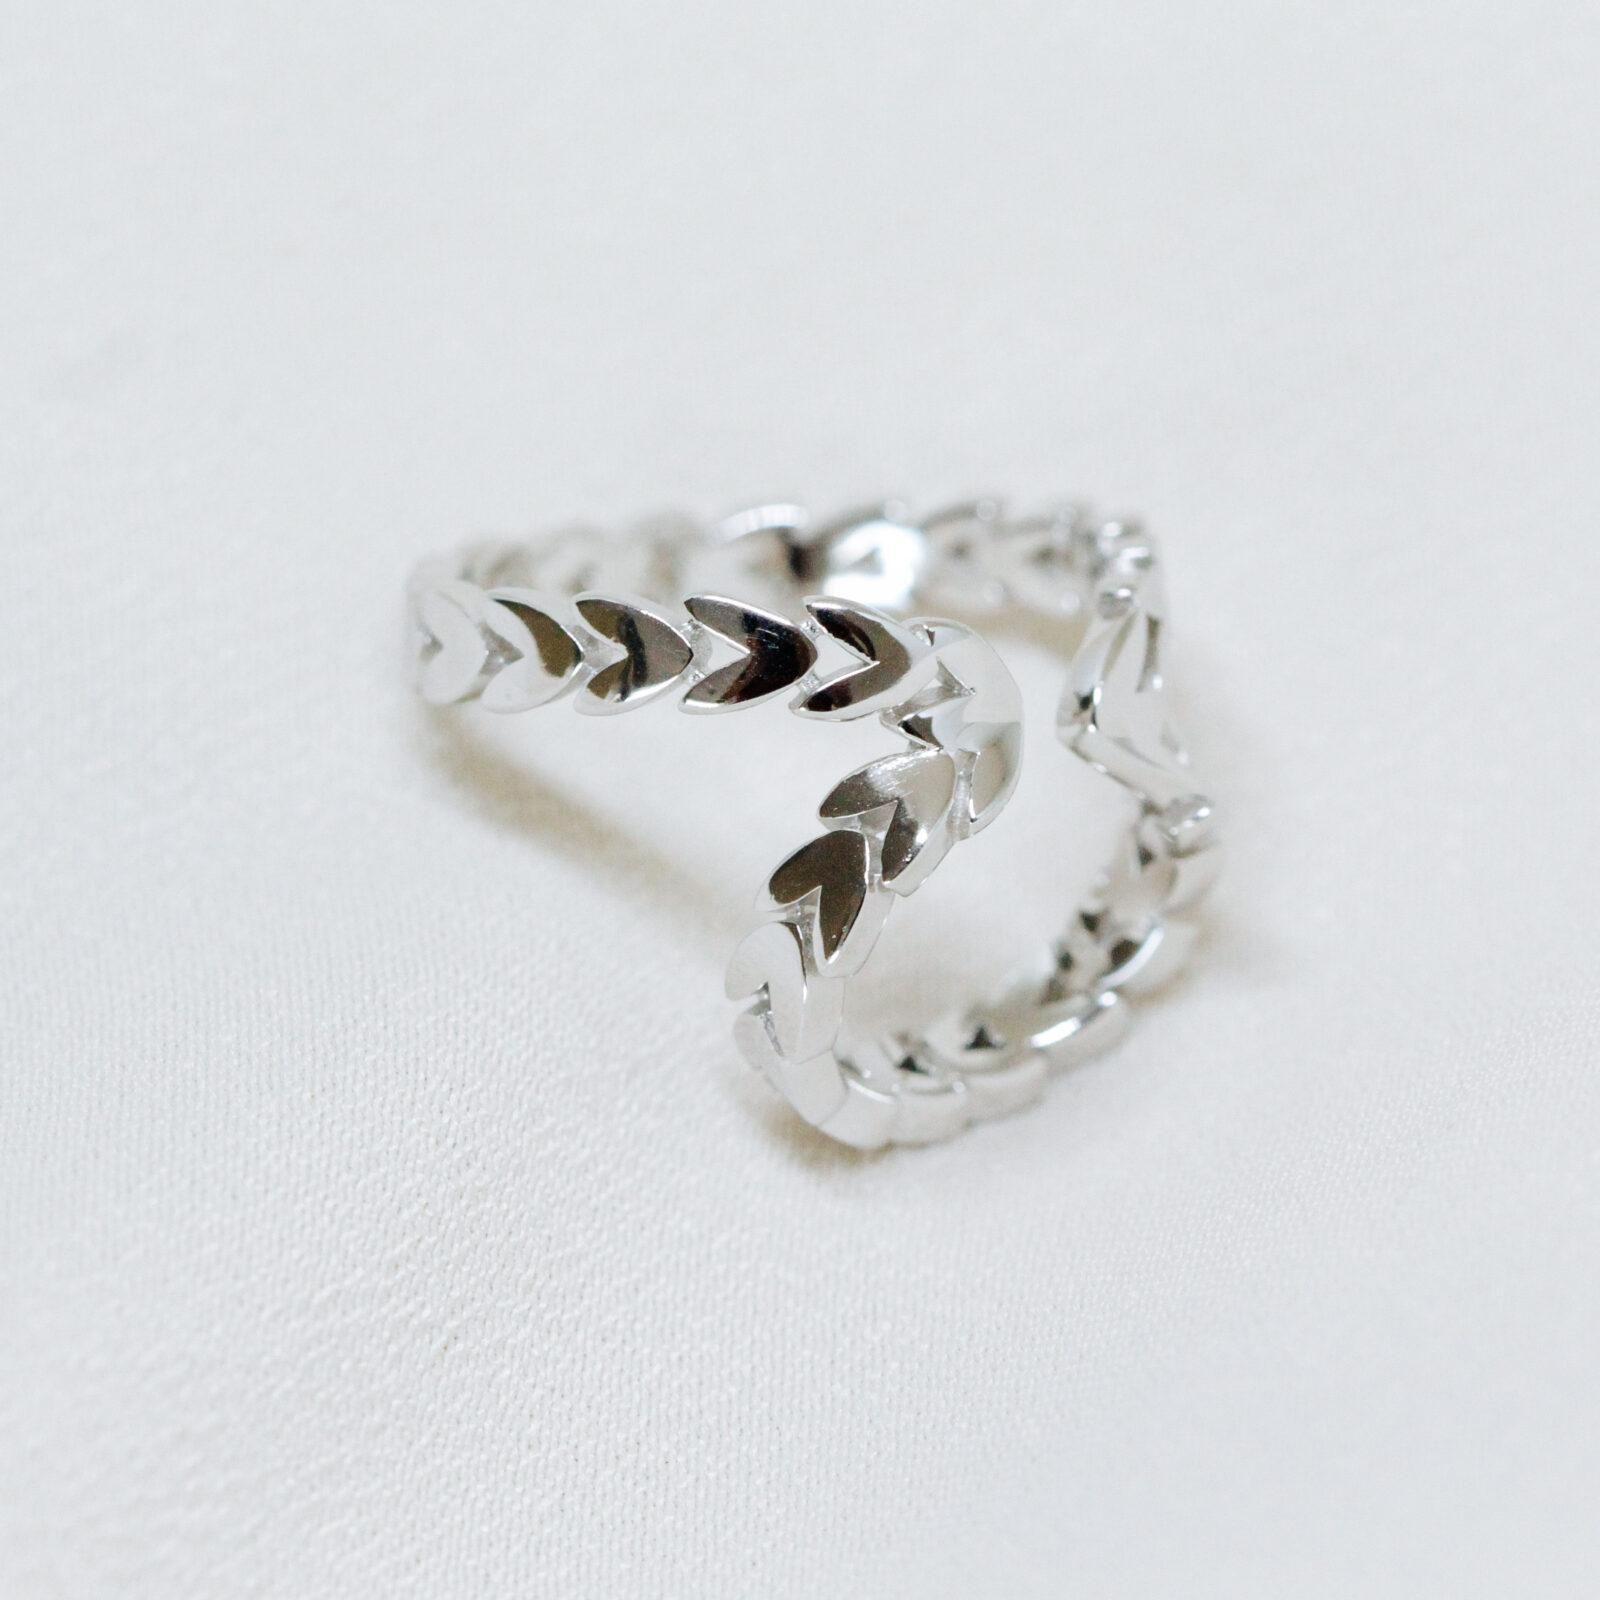 Brinco Piercing de Orelha Liso Prata 925 | Lanarée Acessórios